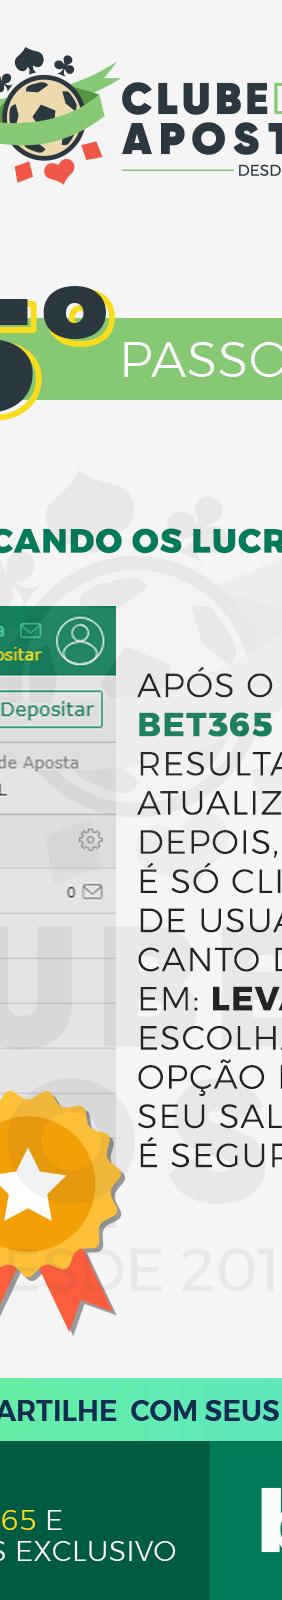 05-como-apostar-na-bet365-em-6-passos